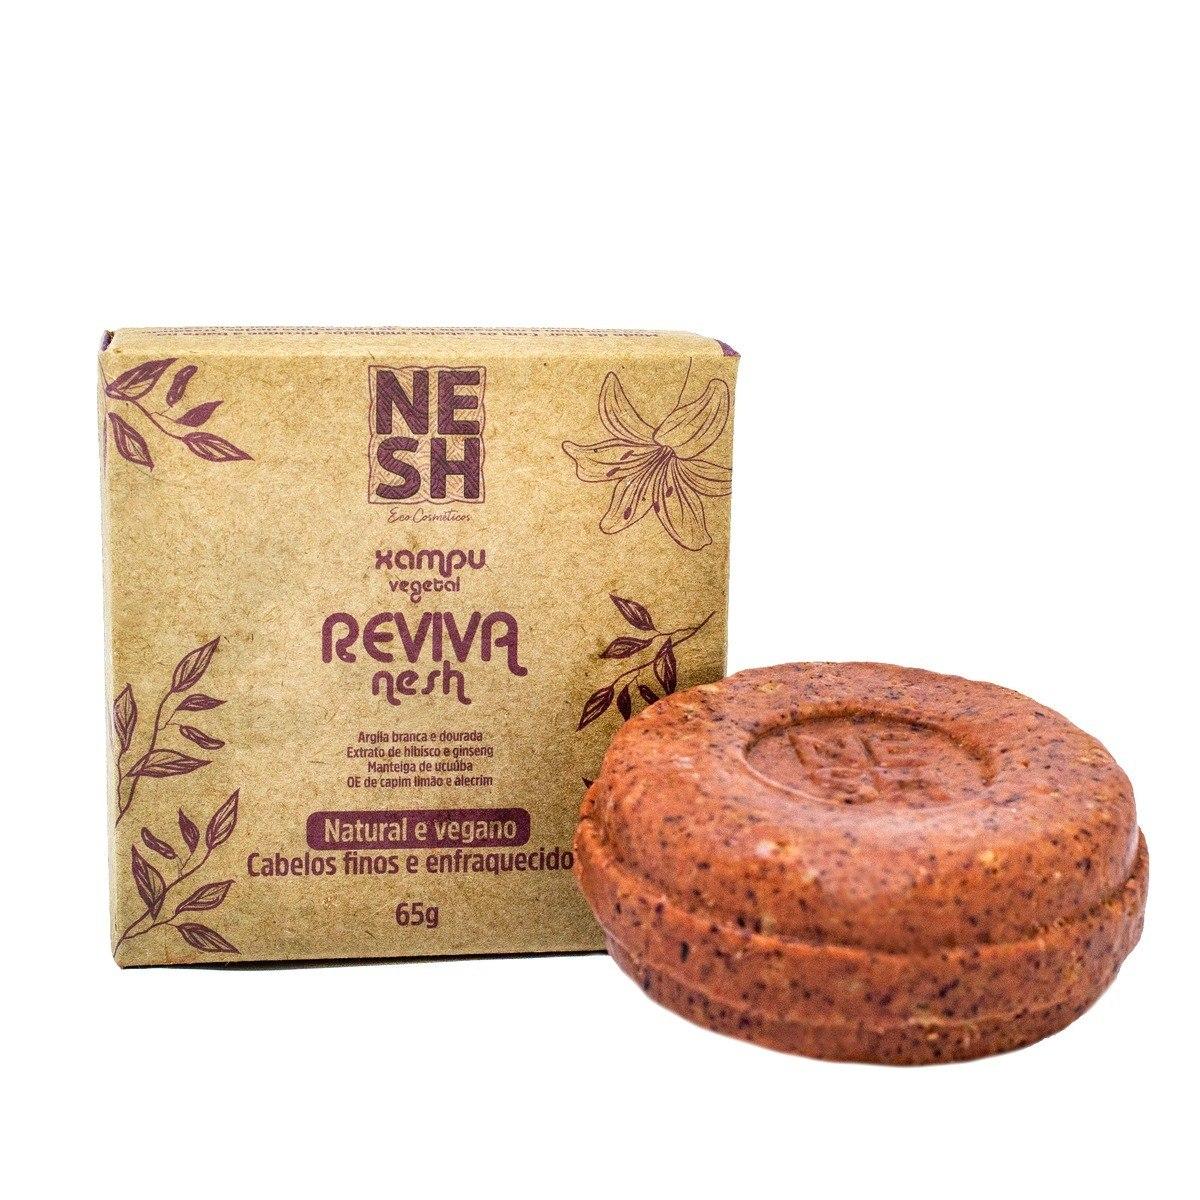 Shampoo em Barra Natural e Vegano ReVIVA - Nesh Cosméticos 65g